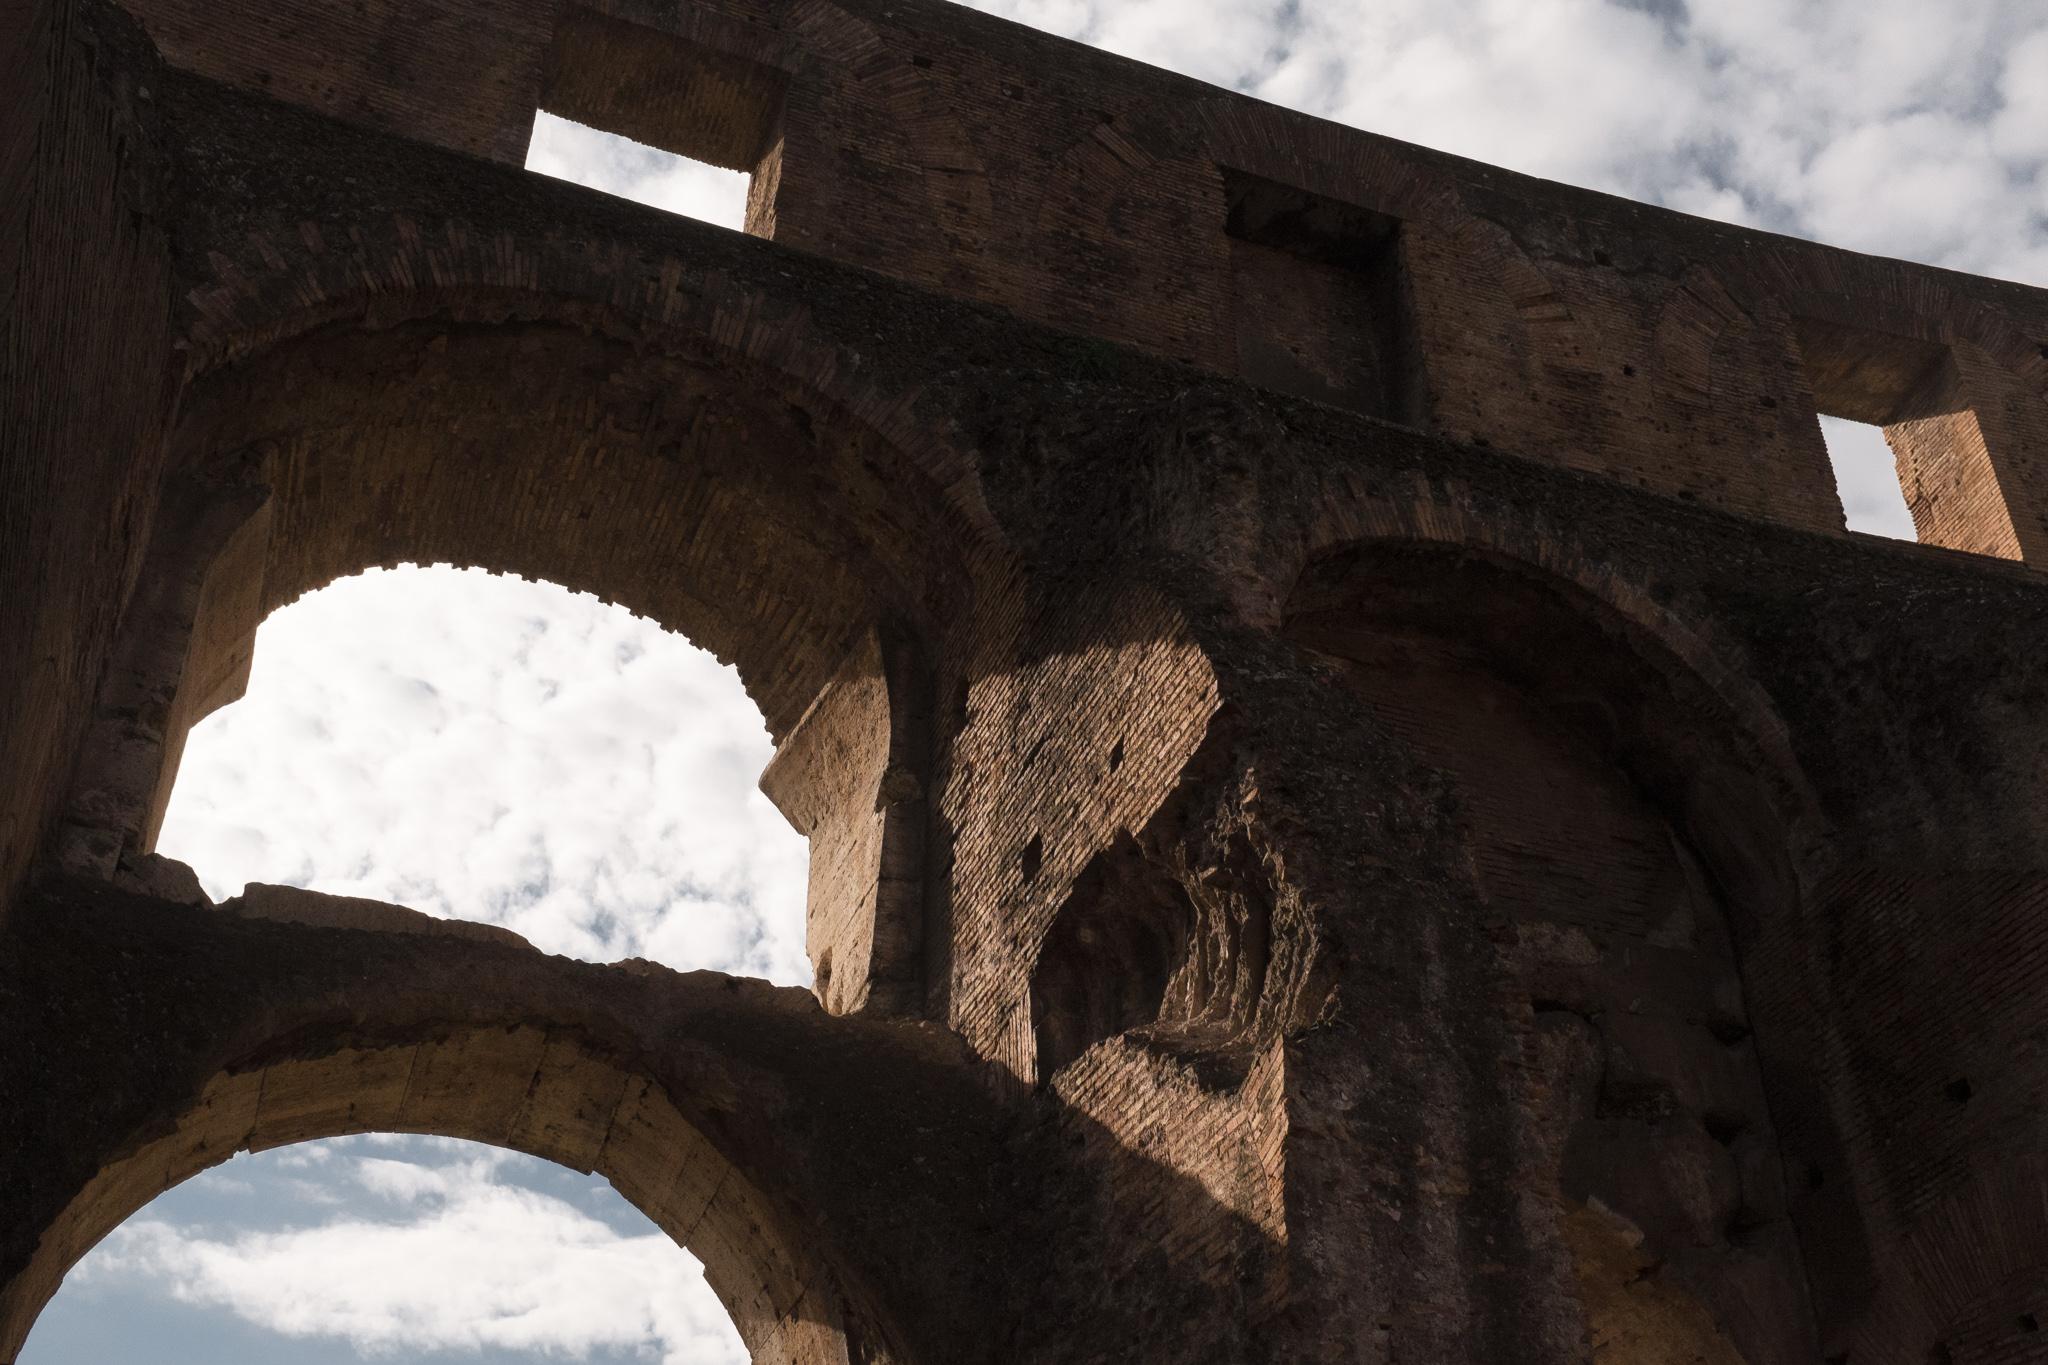 8428-greatest-italian-architecture.jpg